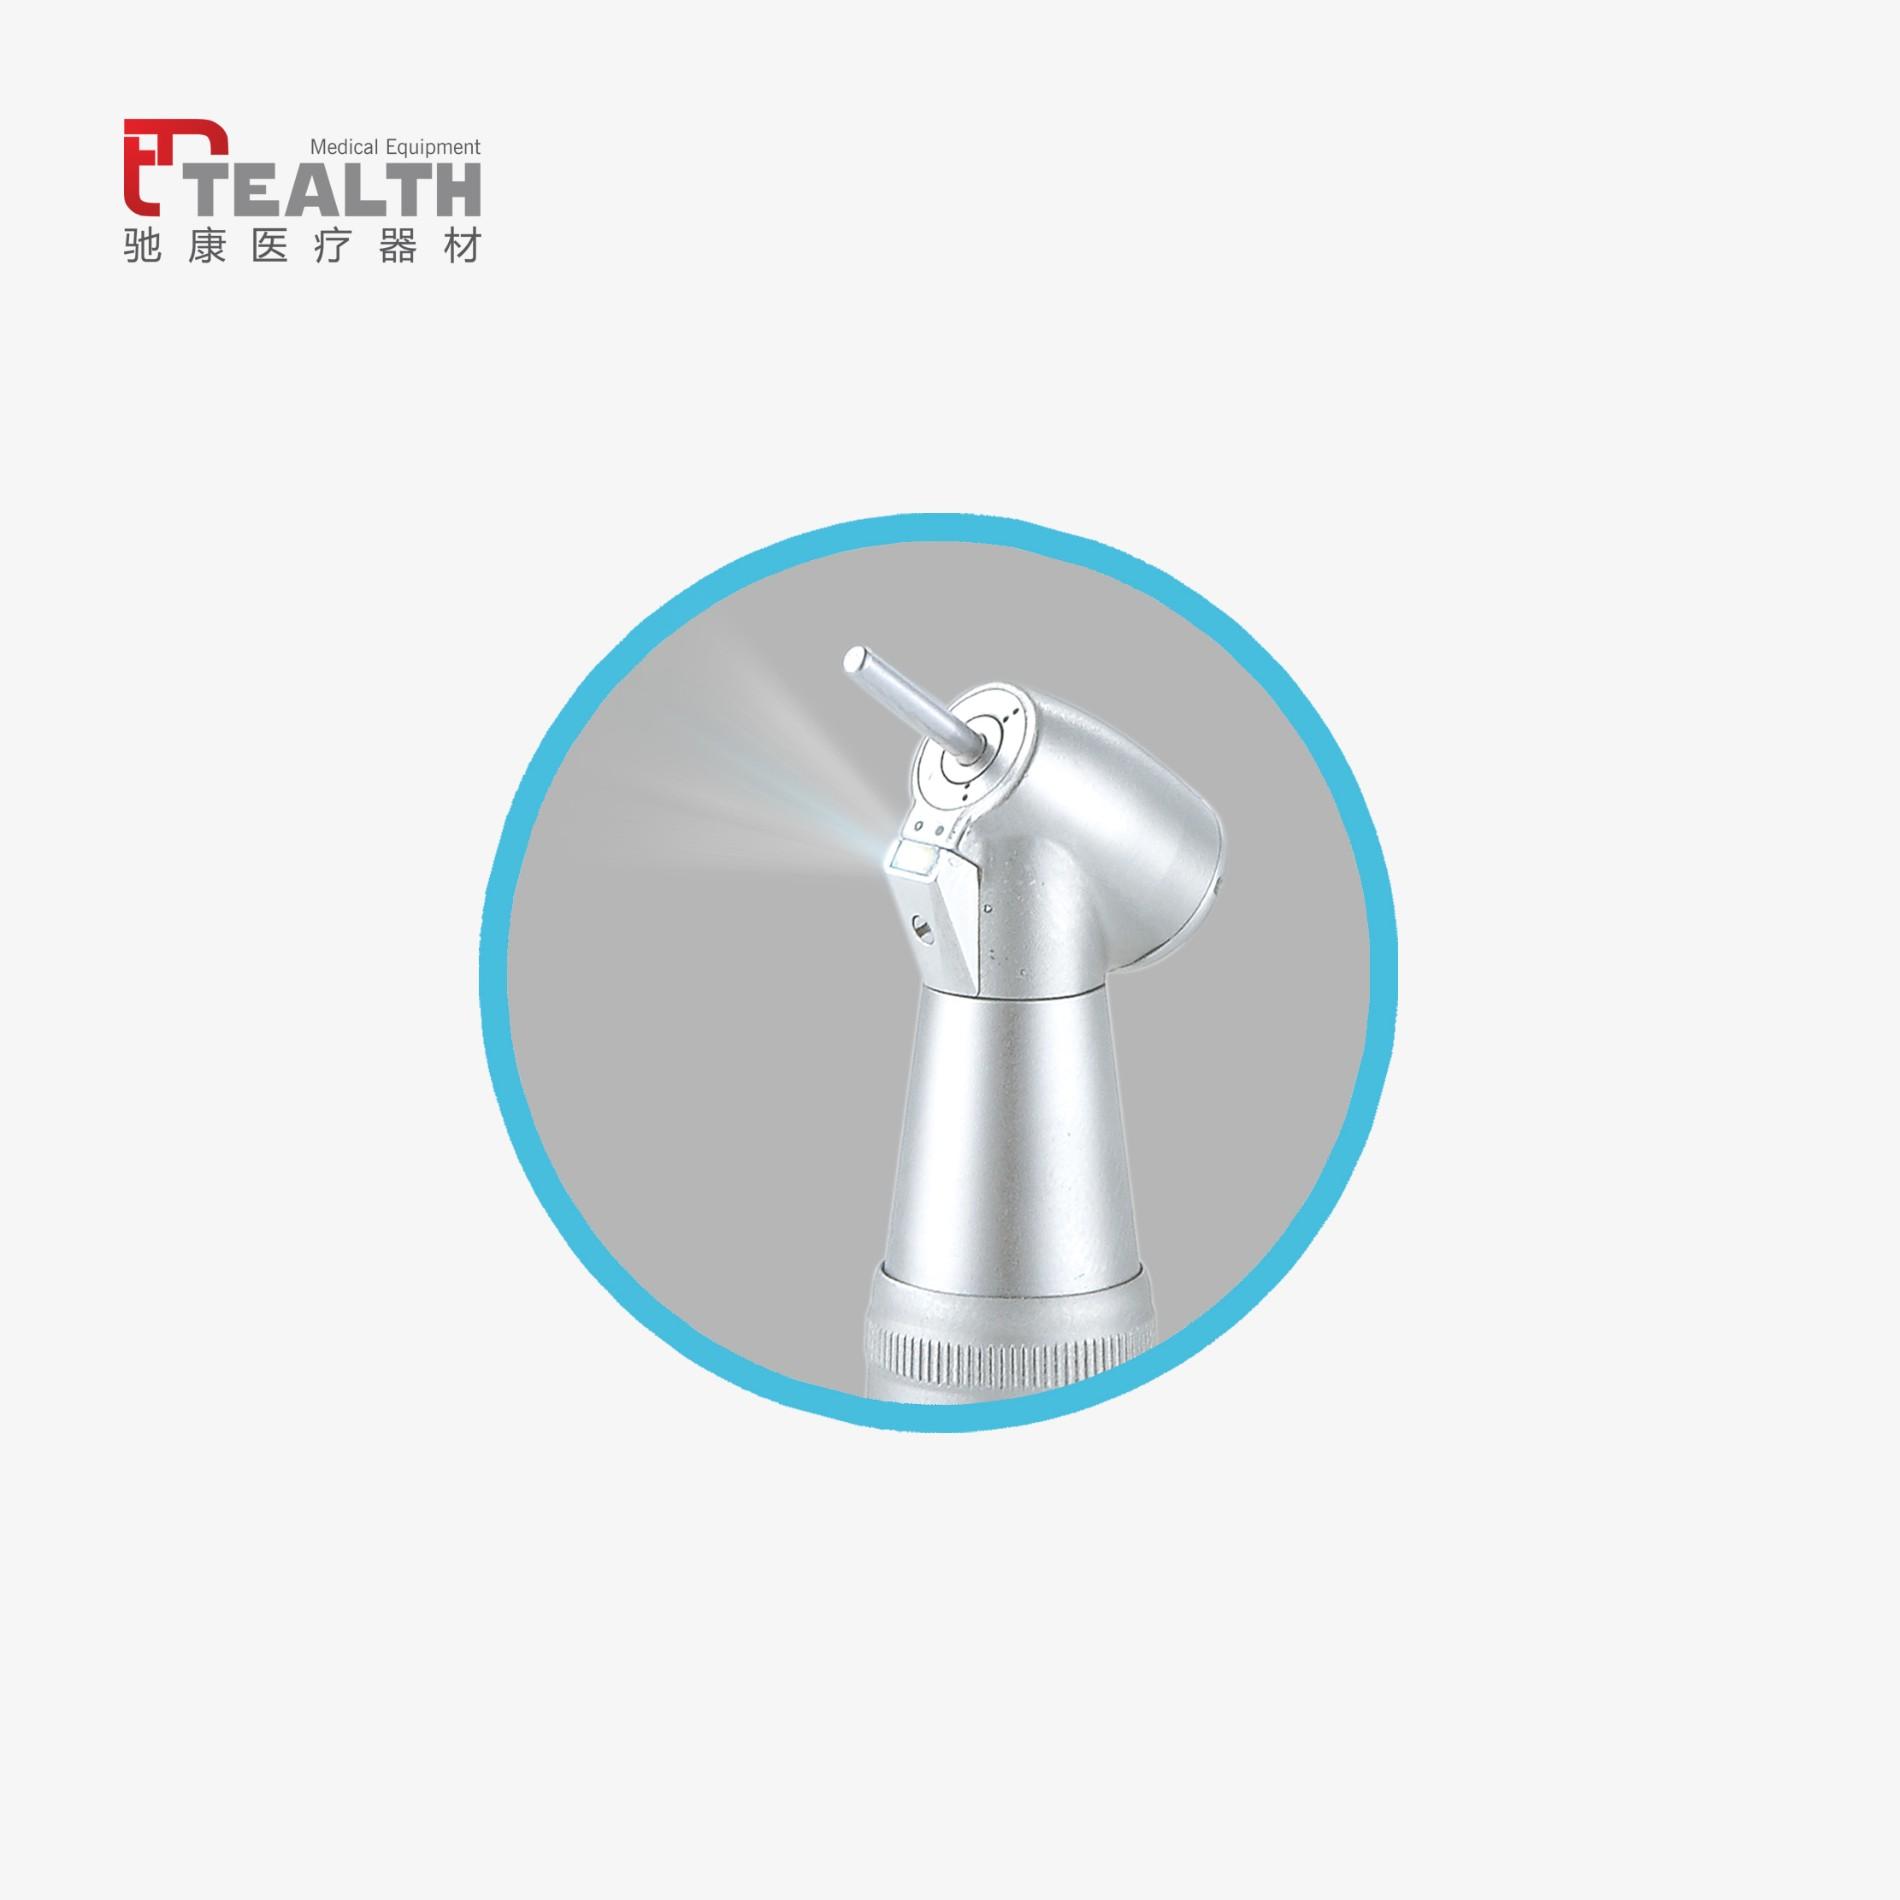 Acquista Manipolo dentale da 45 gradi a velocità crescente di 1: 3,6 LED,Manipolo dentale da 45 gradi a velocità crescente di 1: 3,6 LED prezzi,Manipolo dentale da 45 gradi a velocità crescente di 1: 3,6 LED marche,Manipolo dentale da 45 gradi a velocità crescente di 1: 3,6 LED Produttori,Manipolo dentale da 45 gradi a velocità crescente di 1: 3,6 LED Citazioni,Manipolo dentale da 45 gradi a velocità crescente di 1: 3,6 LED  l'azienda,